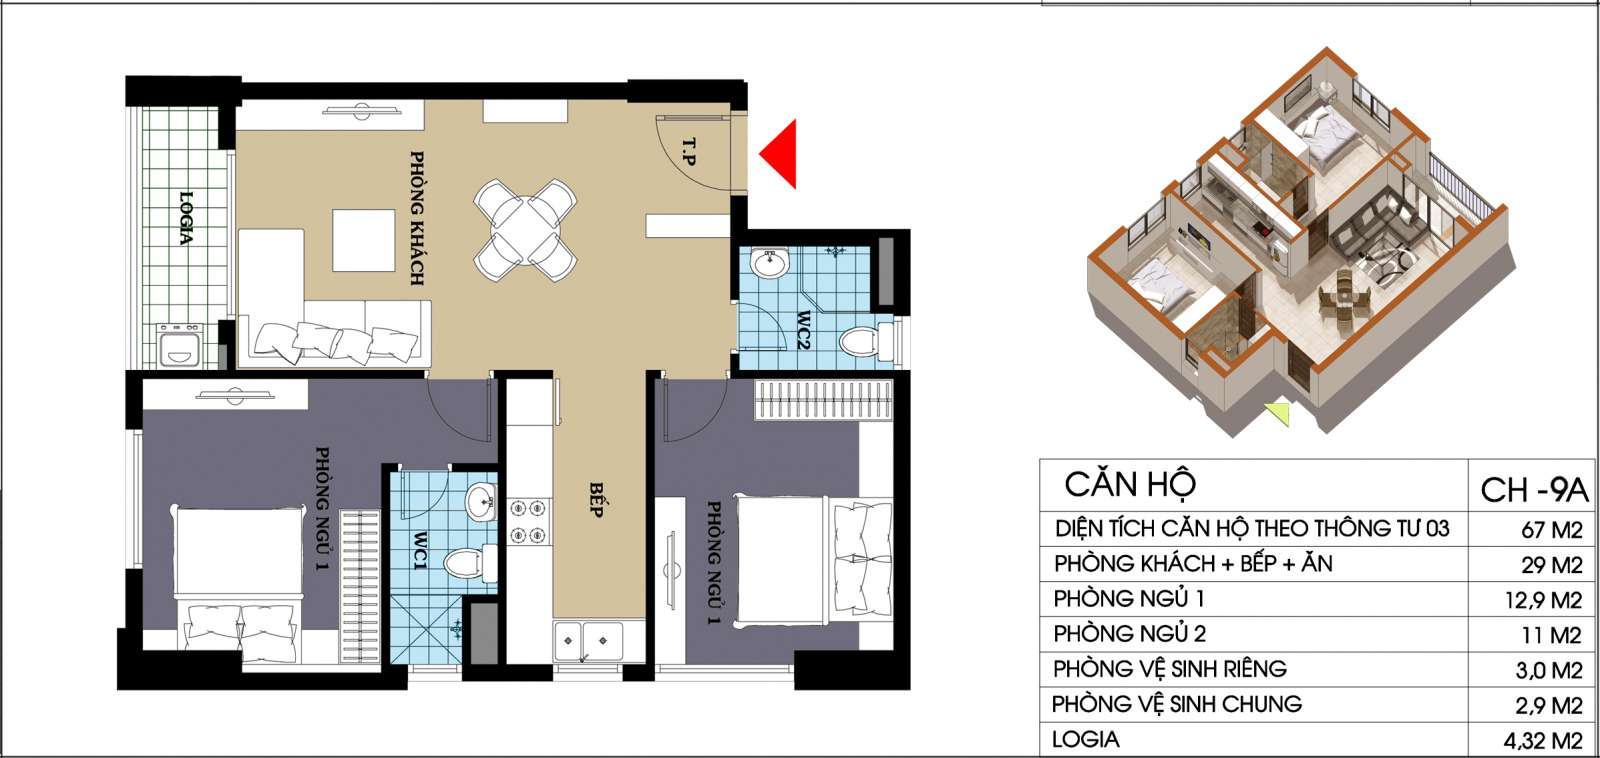 Thiết kế căn hộ 67 m2 dự án 987 tam trinh